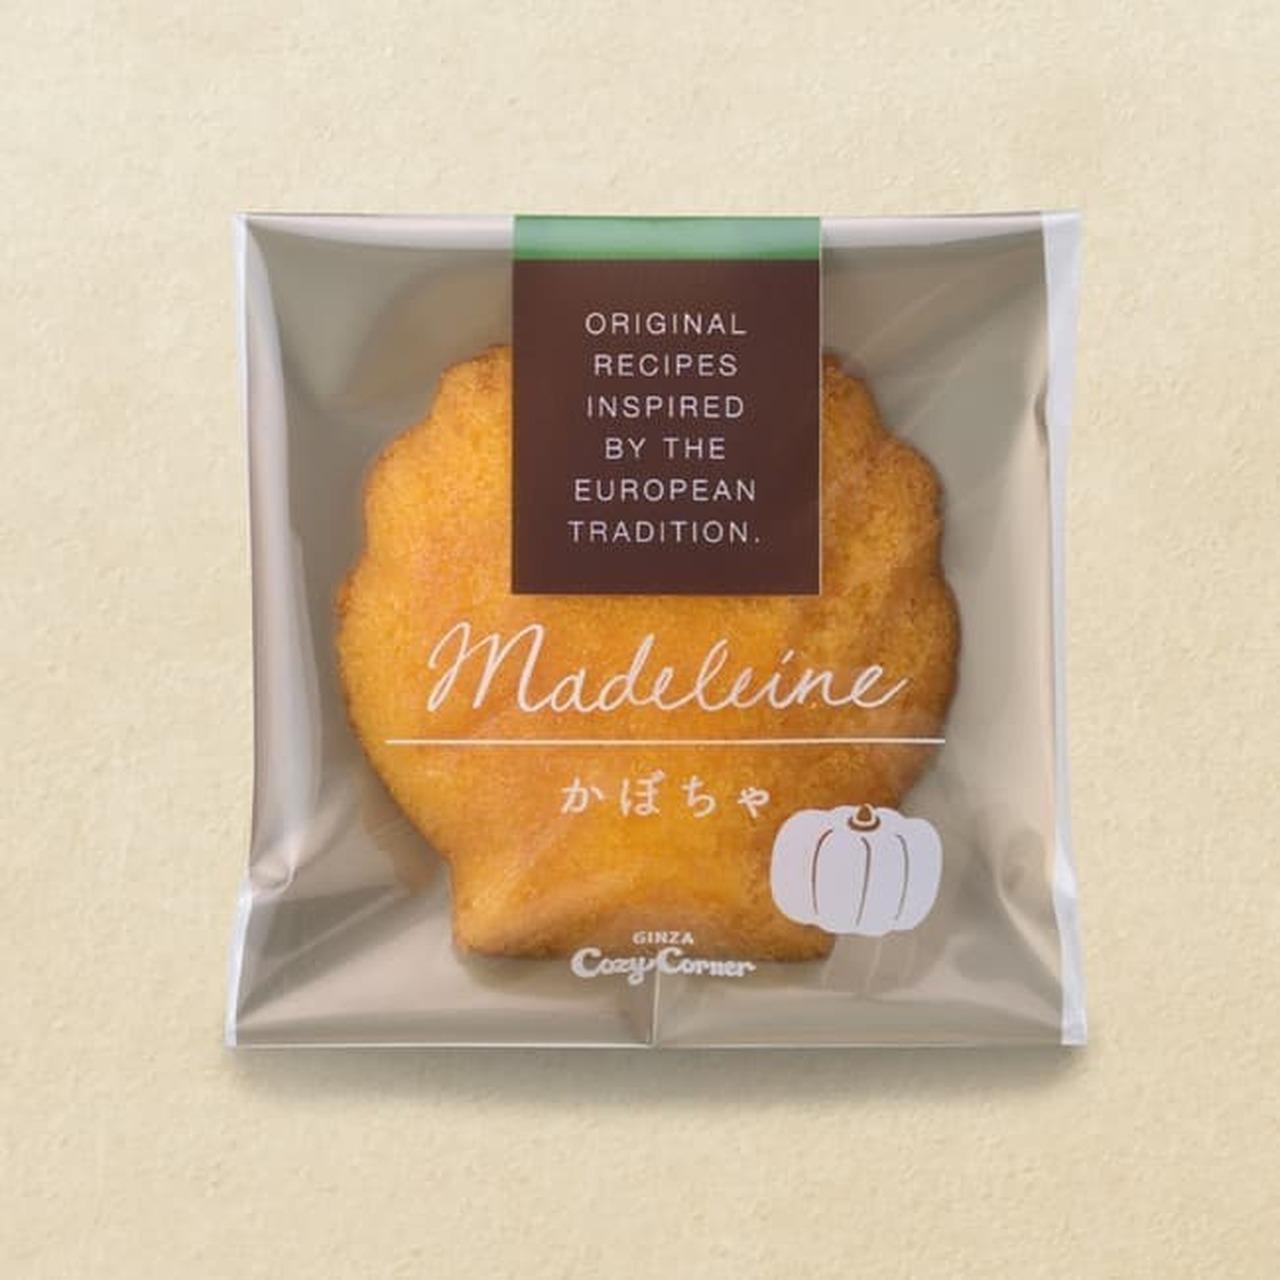 銀座コージーコーナー「秋のマドレーヌ」